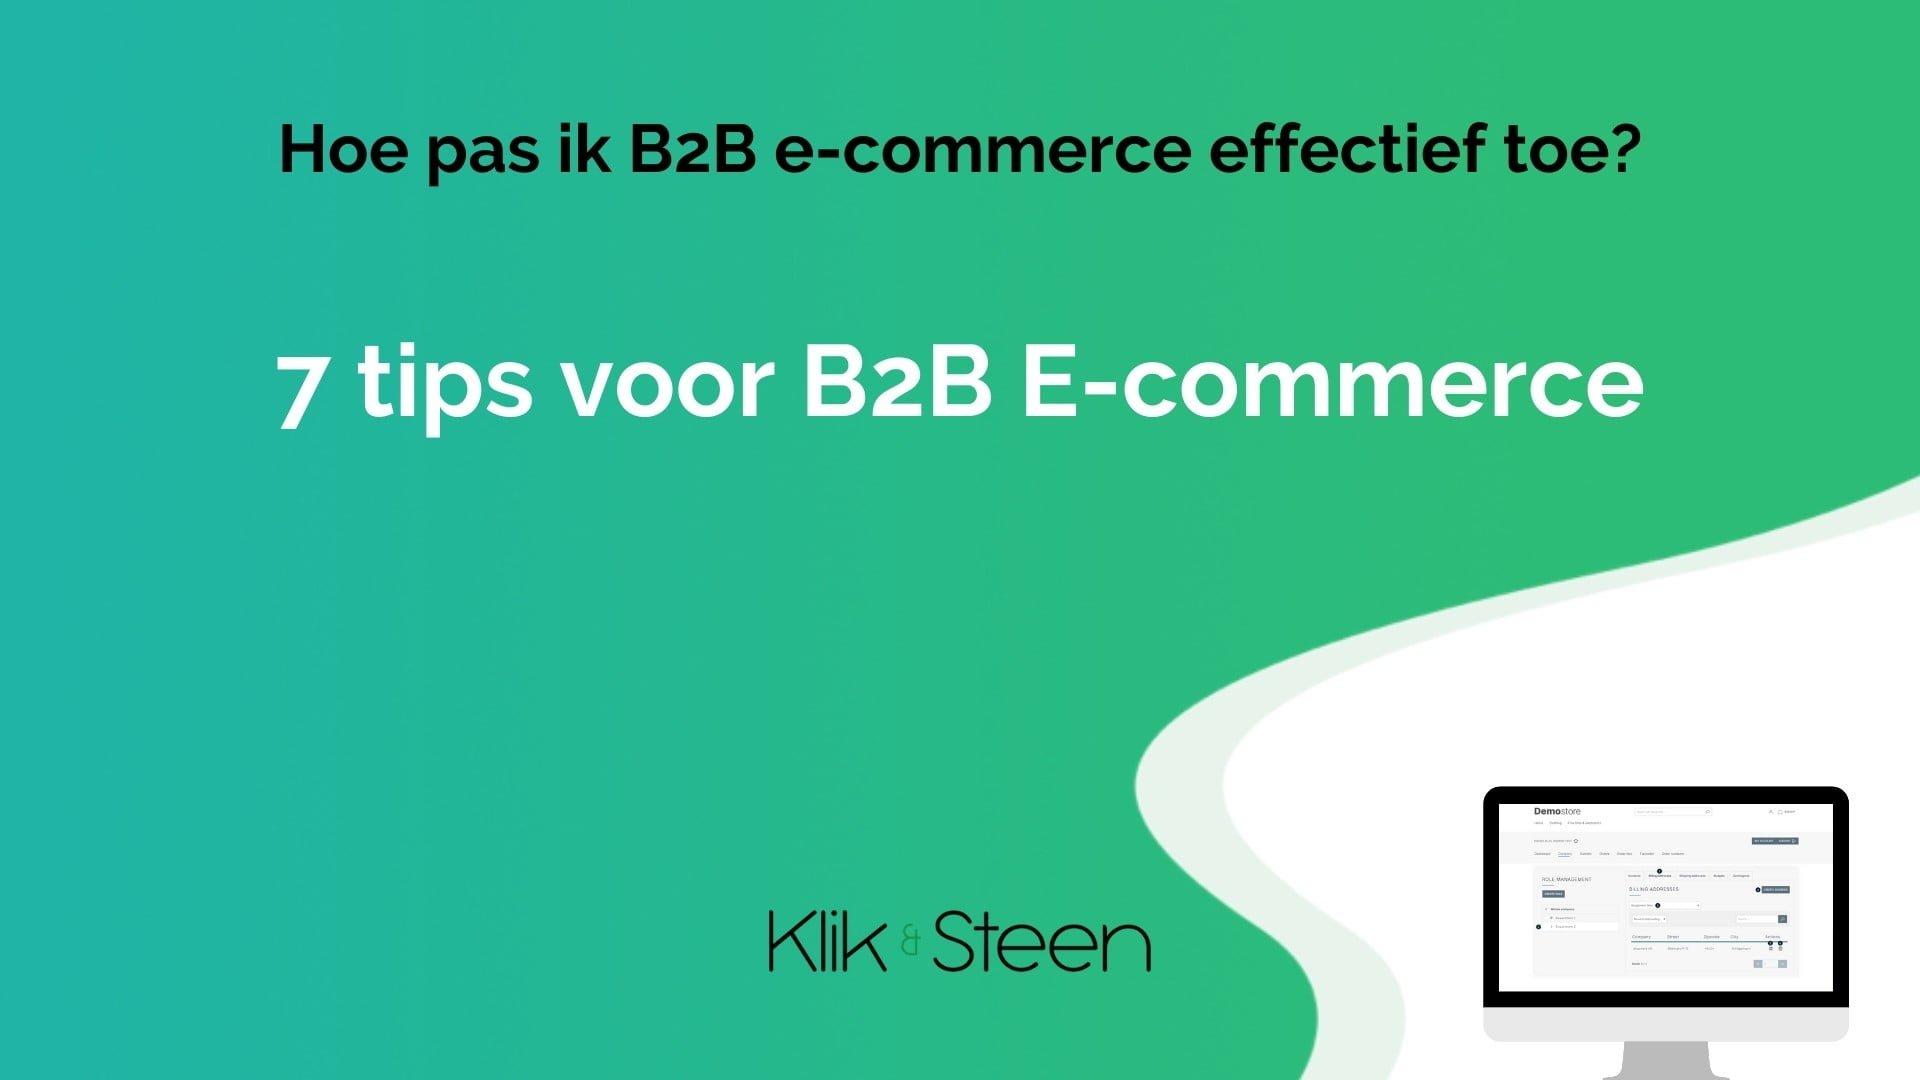 b2b ecommerce 7 tips